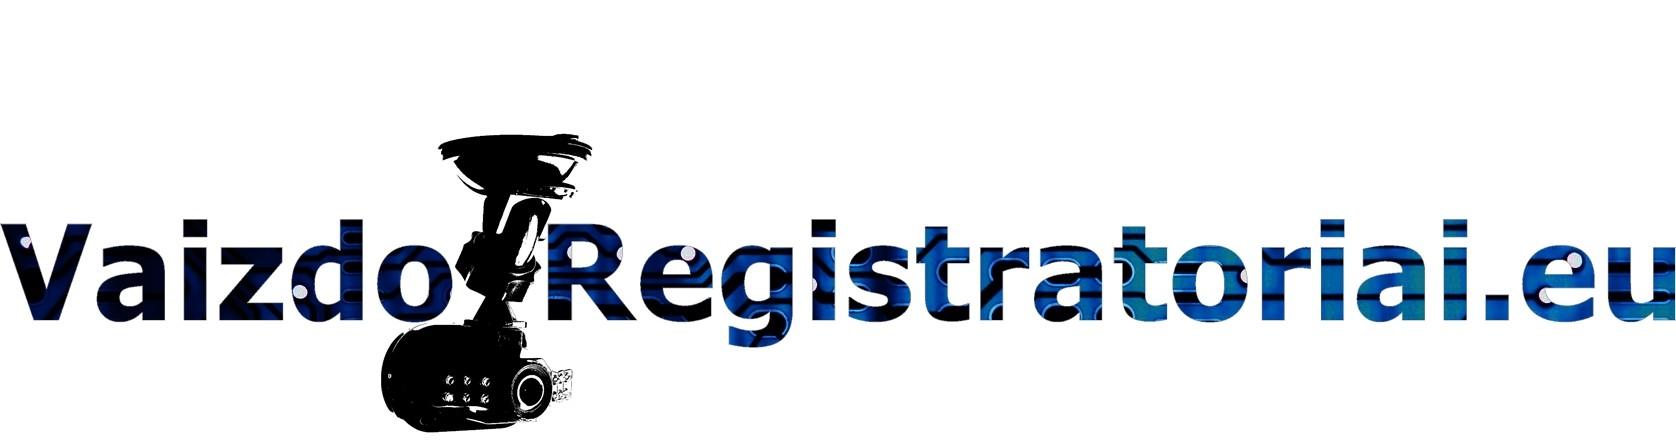 Vaizdo Registratoriai.eu